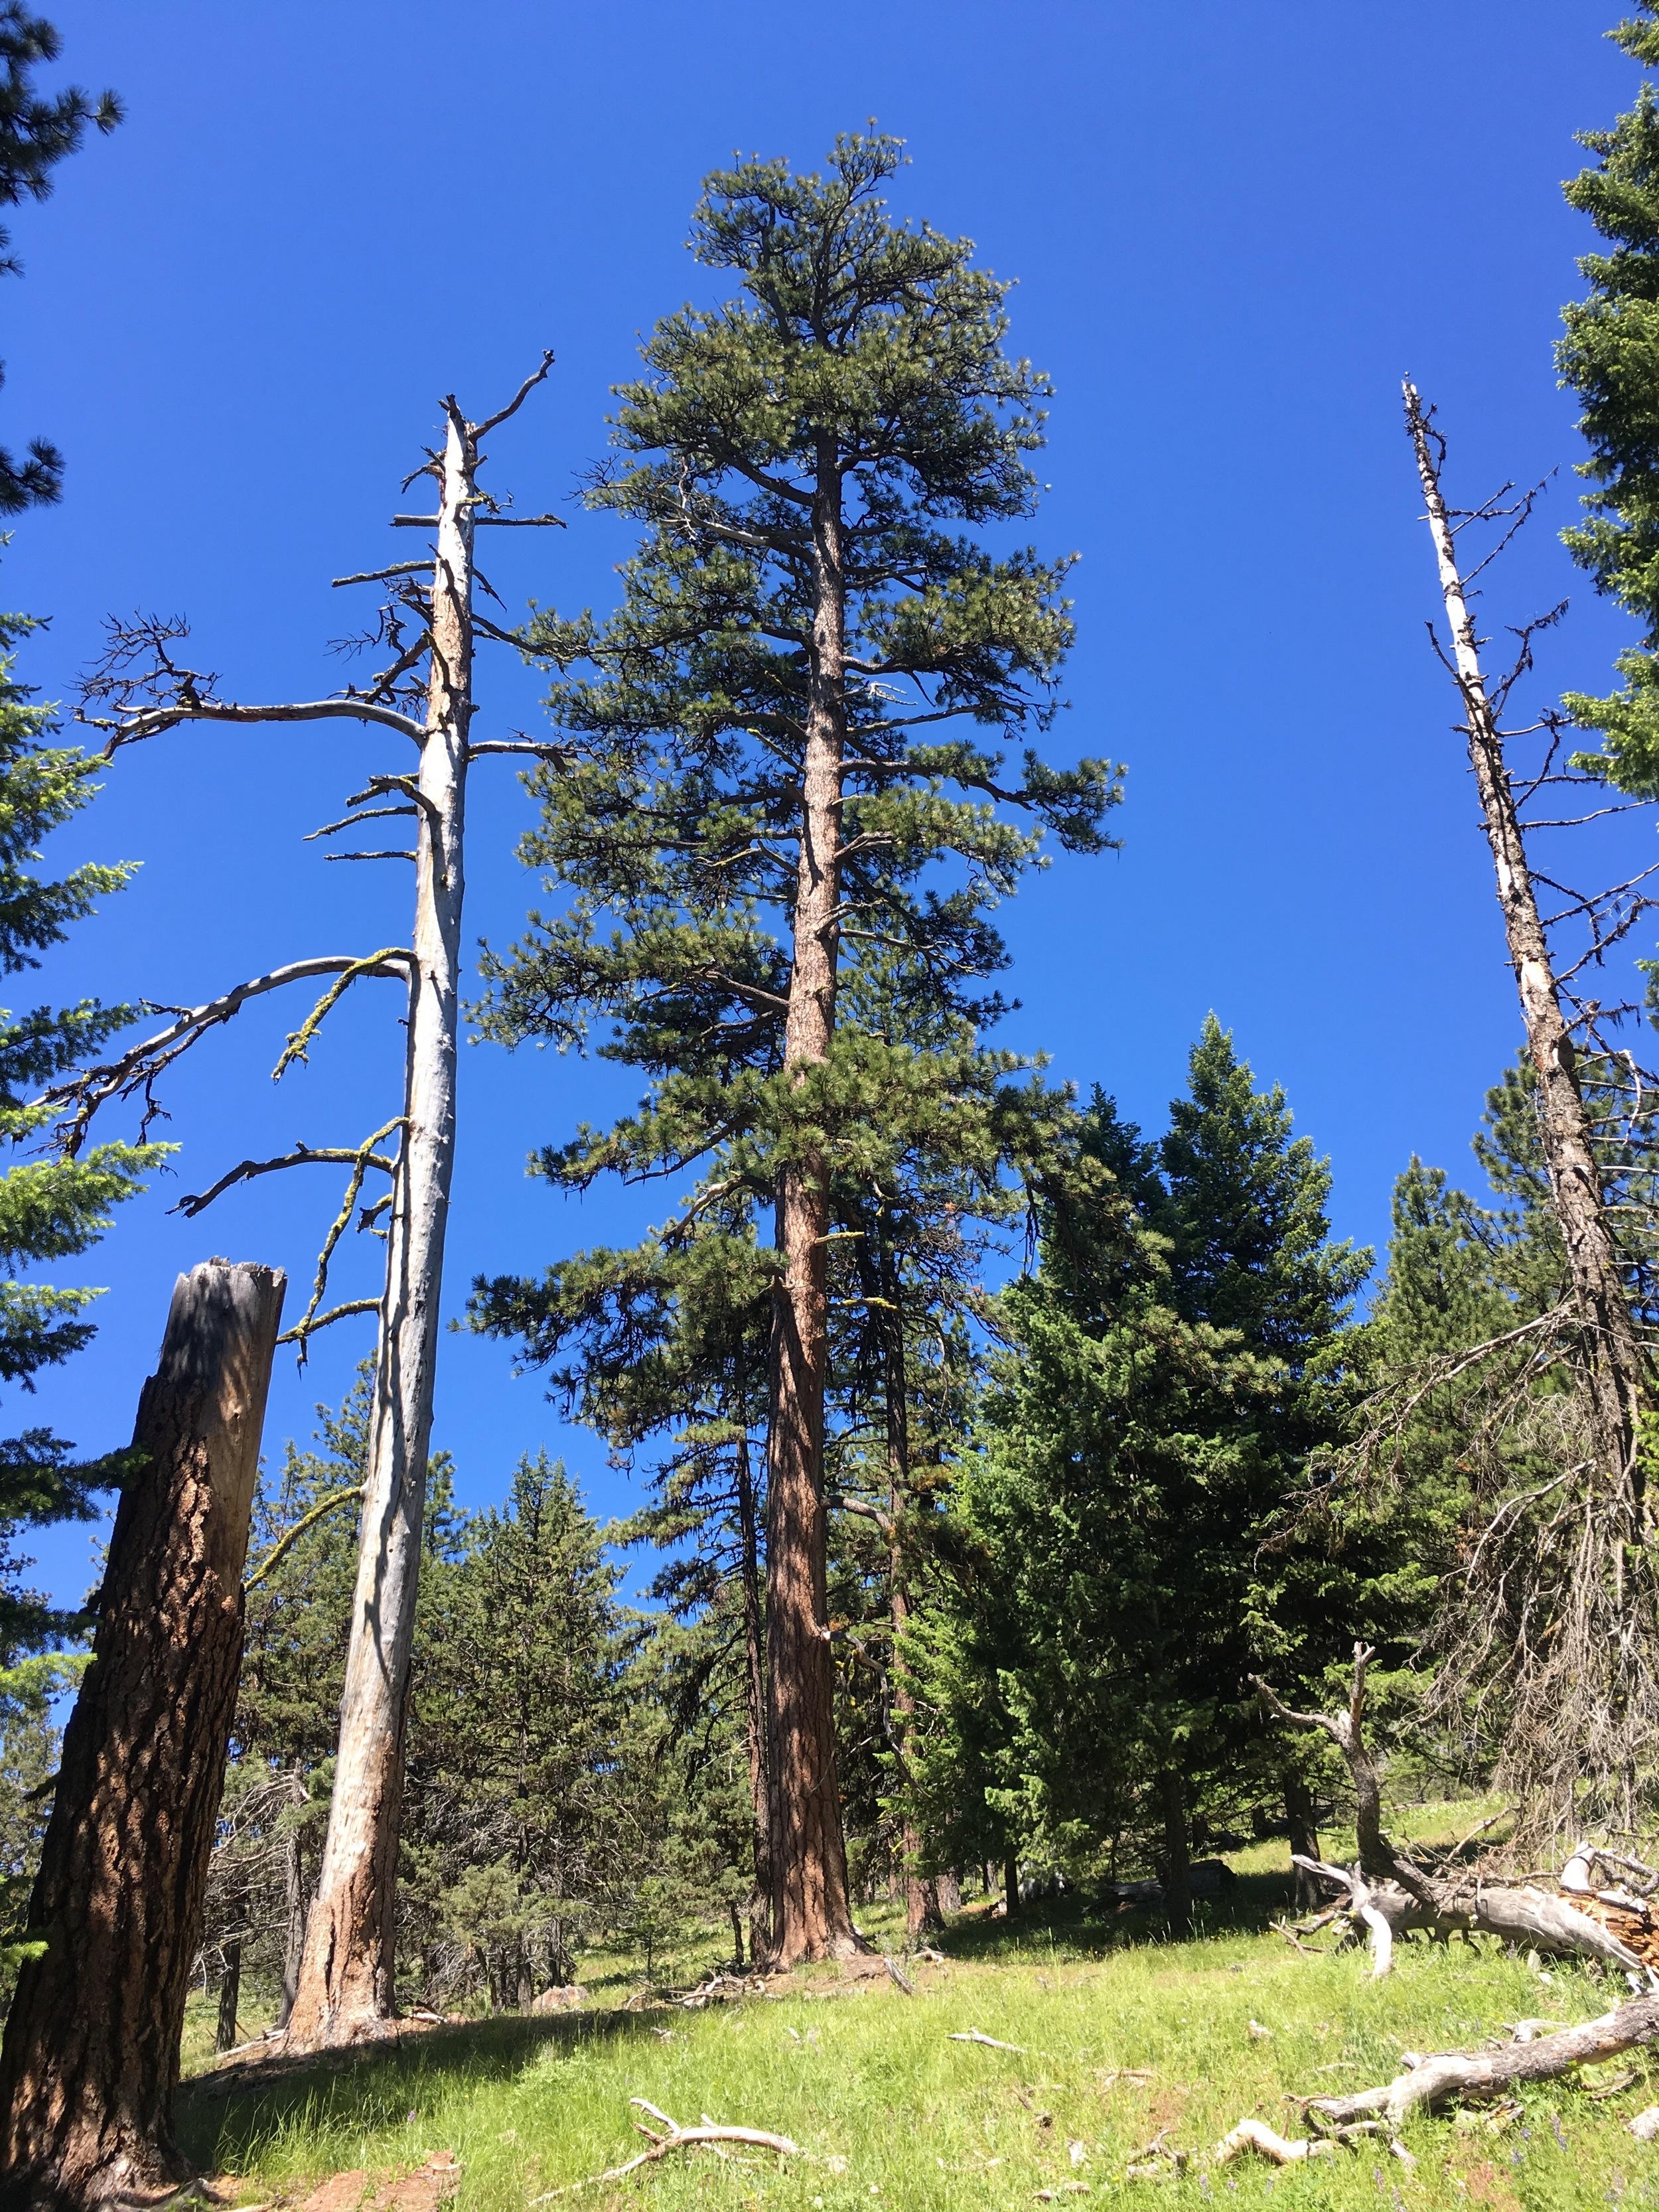 Old Growth Ponderosa Pine Tree